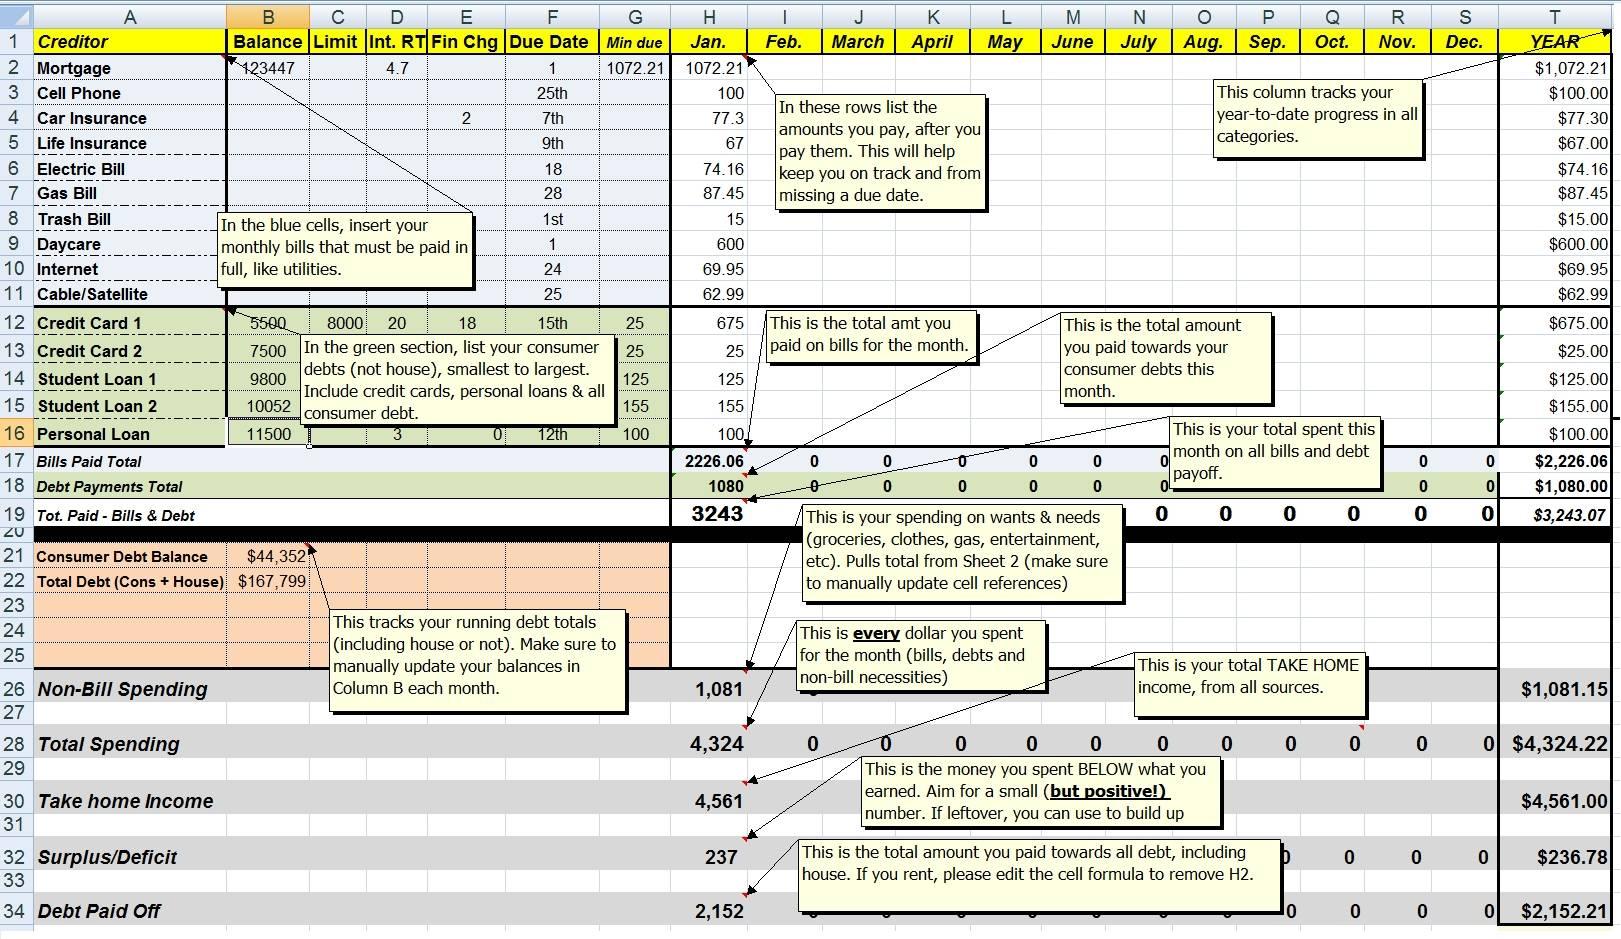 Snowball Debt Calculator Spreadsheet